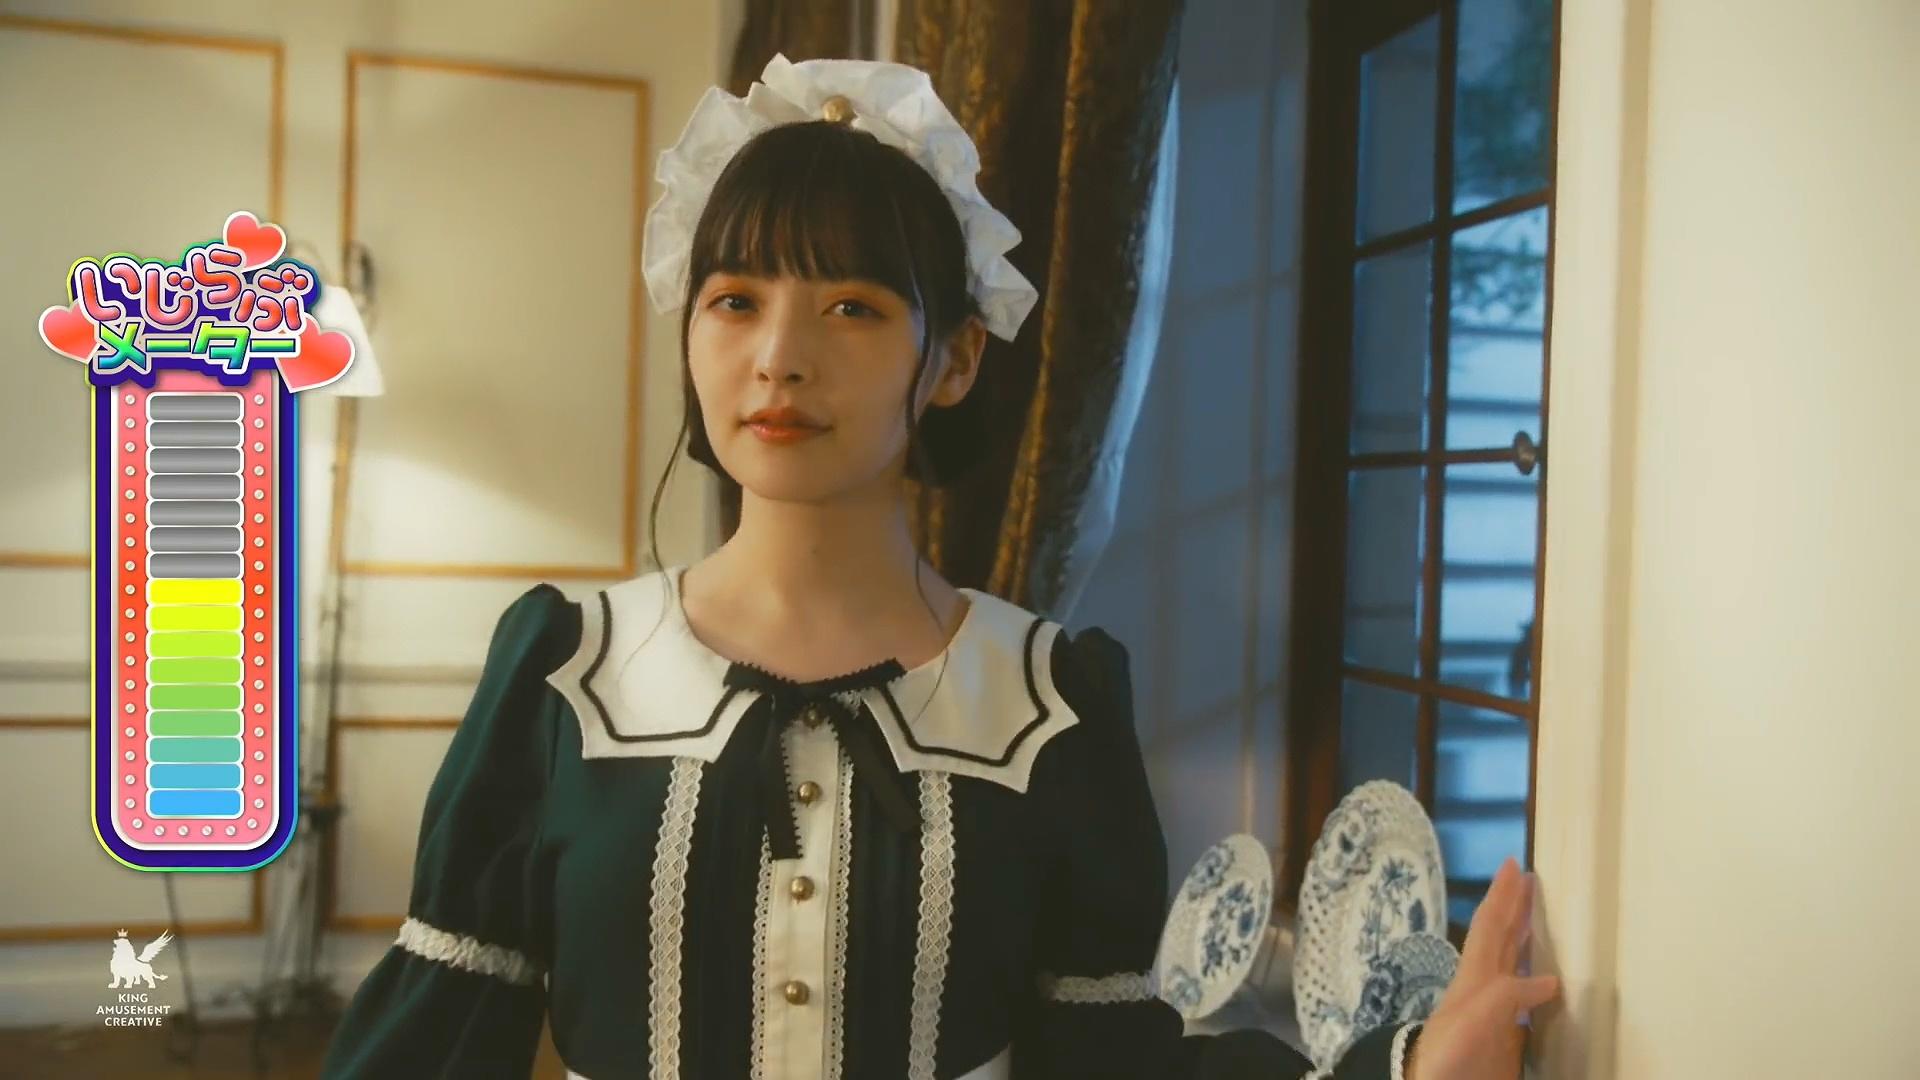 上坂すみれ「EASY LOVE」Music Video.mp4_000340.798